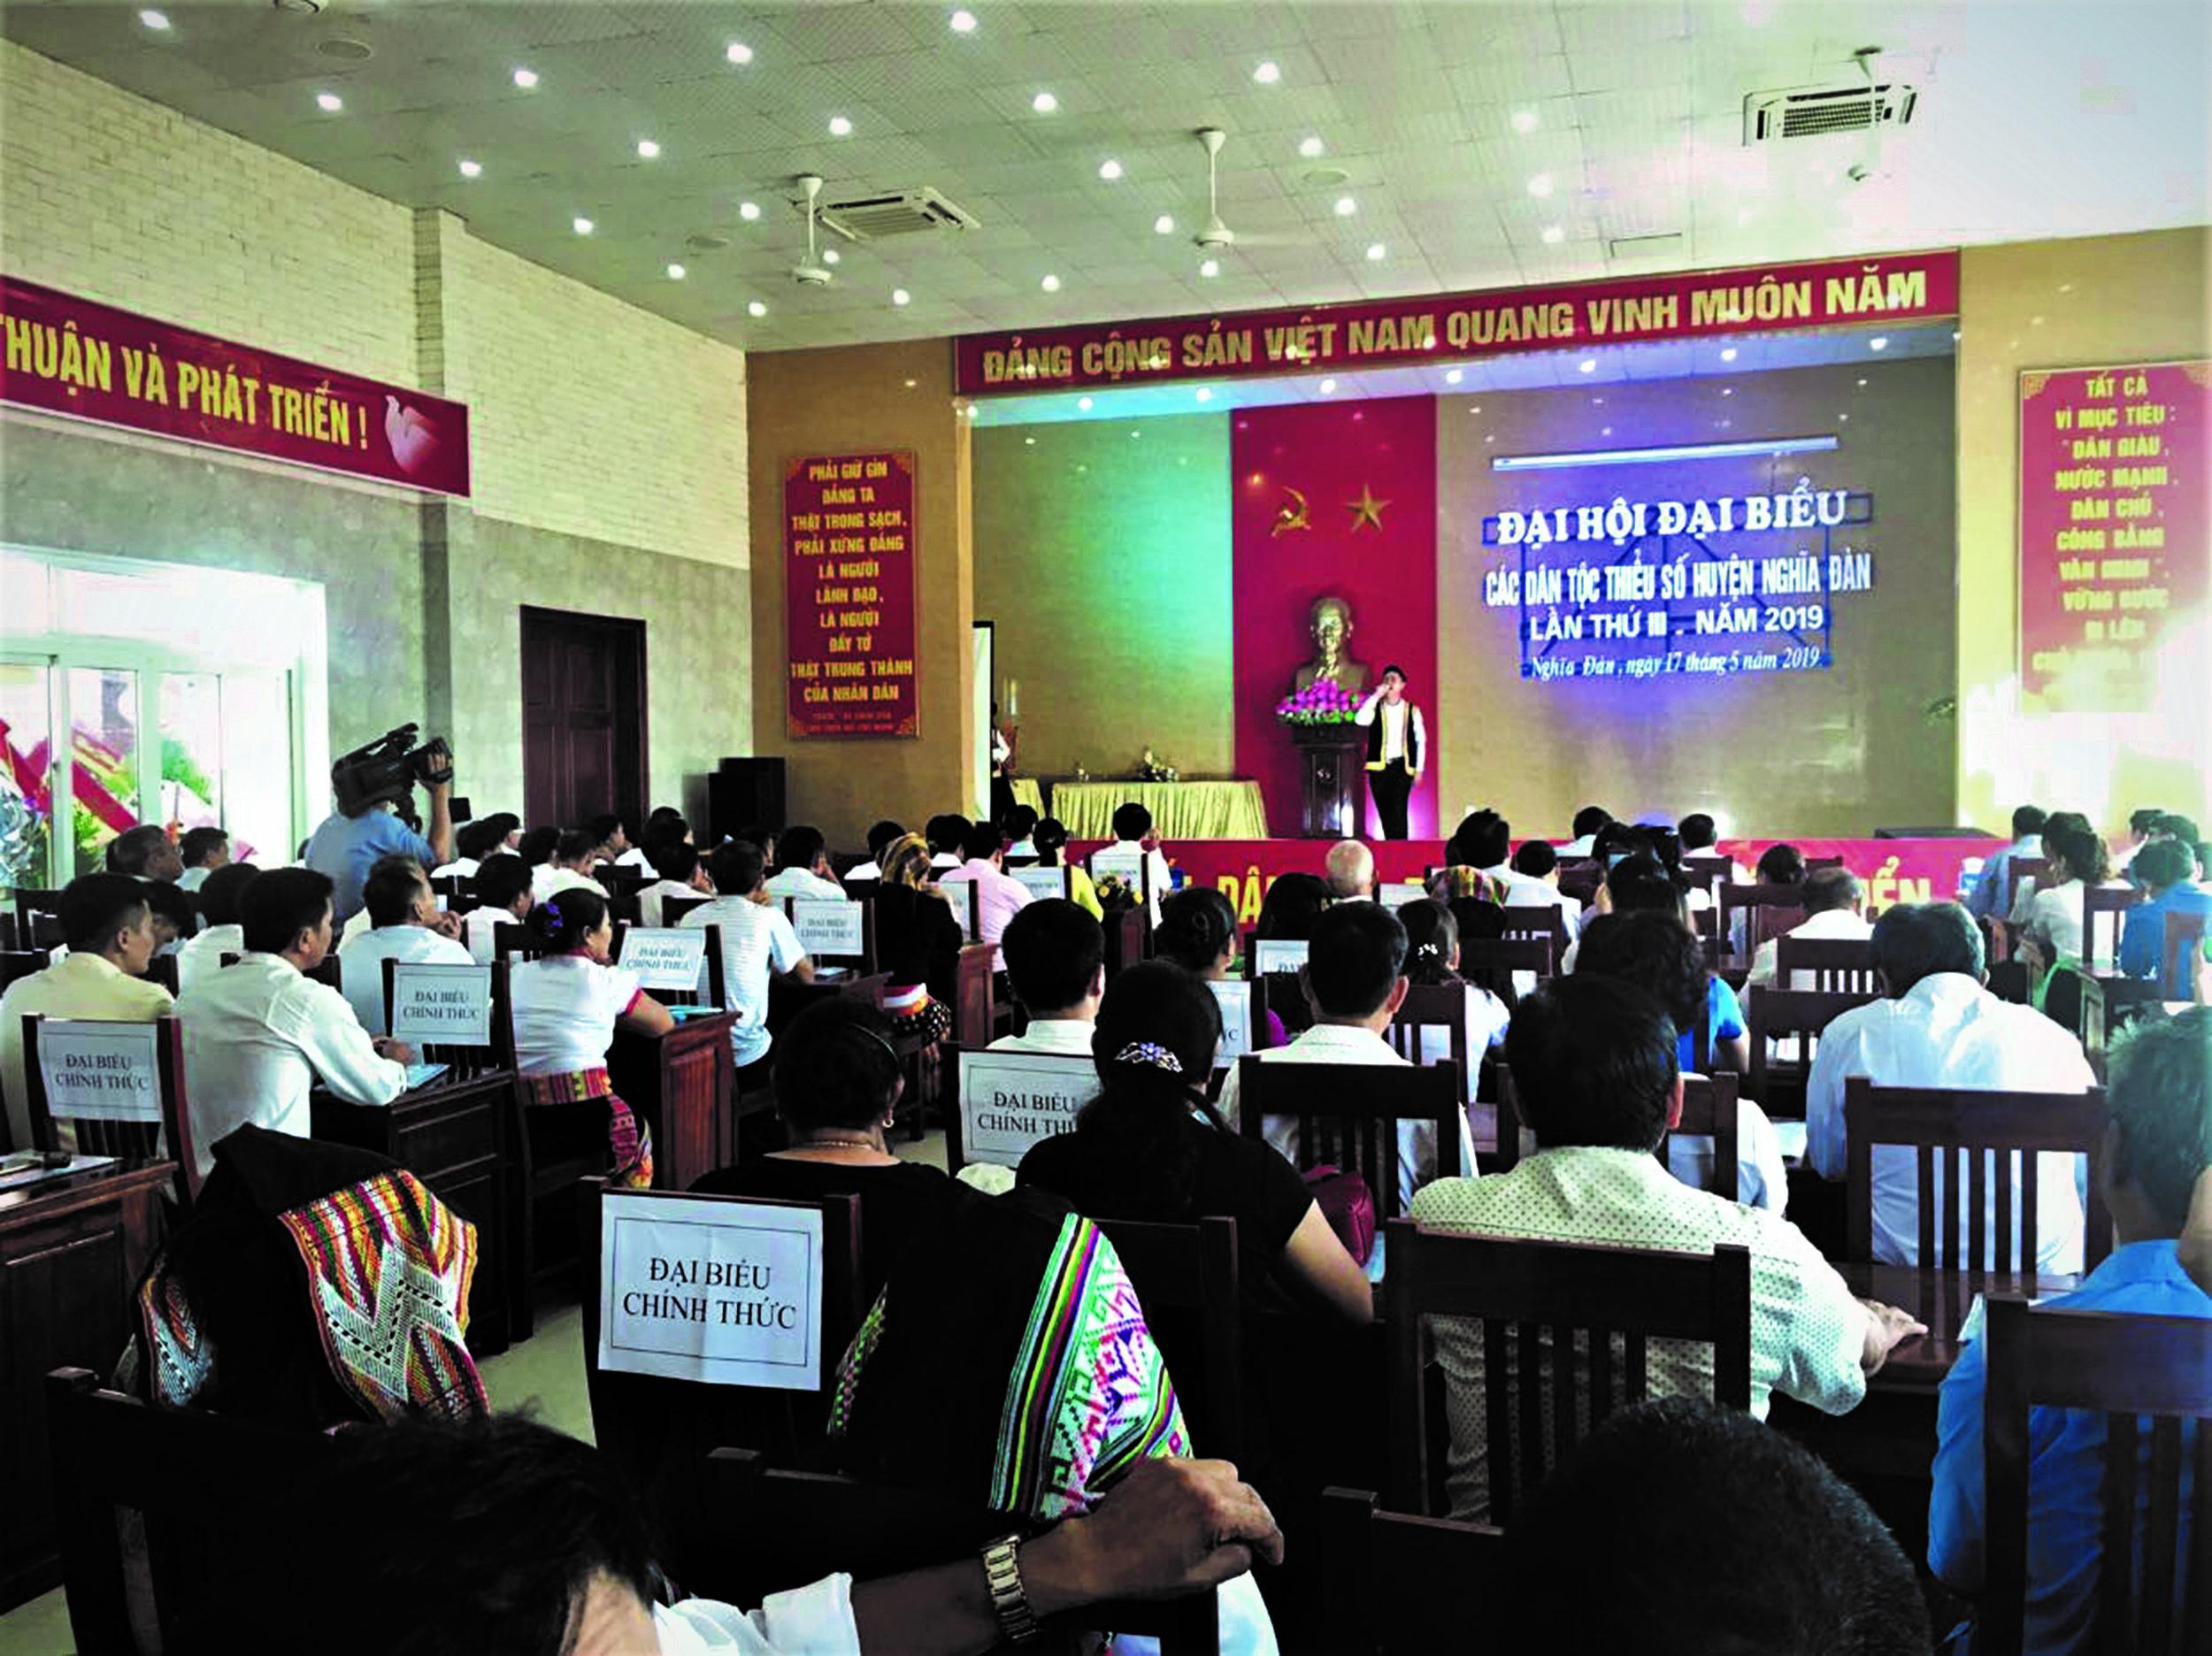 Toàn cảnh Đại hội Đại biểu các DTTS huyện Nghĩa Đàn.